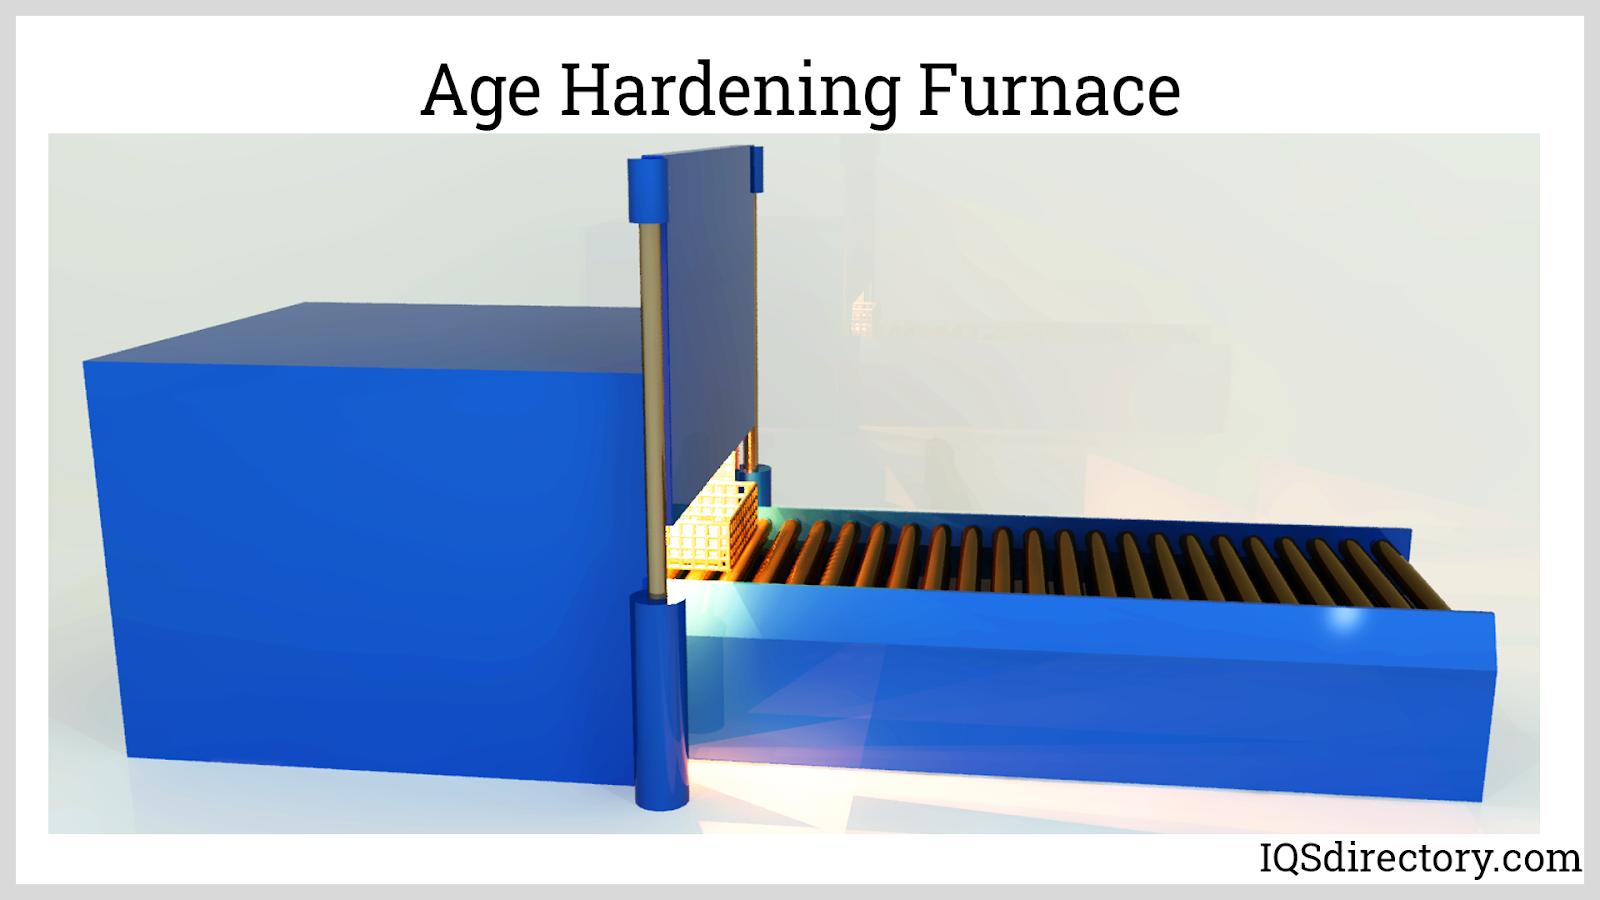 Age Hardening Furnace